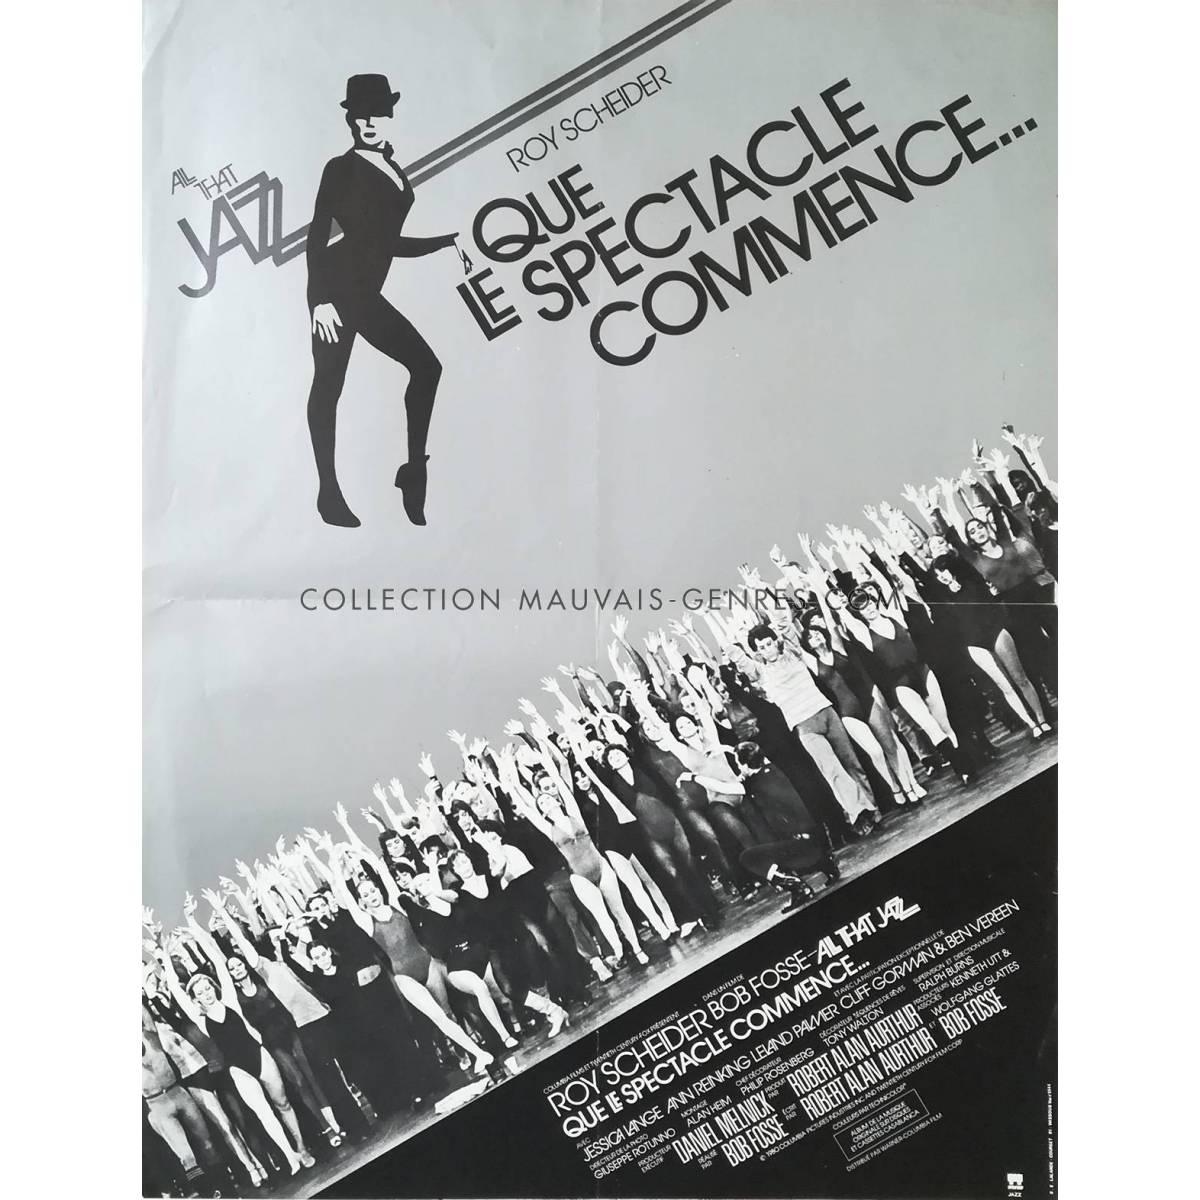 http://theatrecinema-narbonne.com/wp-content/uploads/2020/02/que-le-spectacle-commence-affiche-de-film-40x60-cm-1979-roy-sheider-bob-fosse.jpg